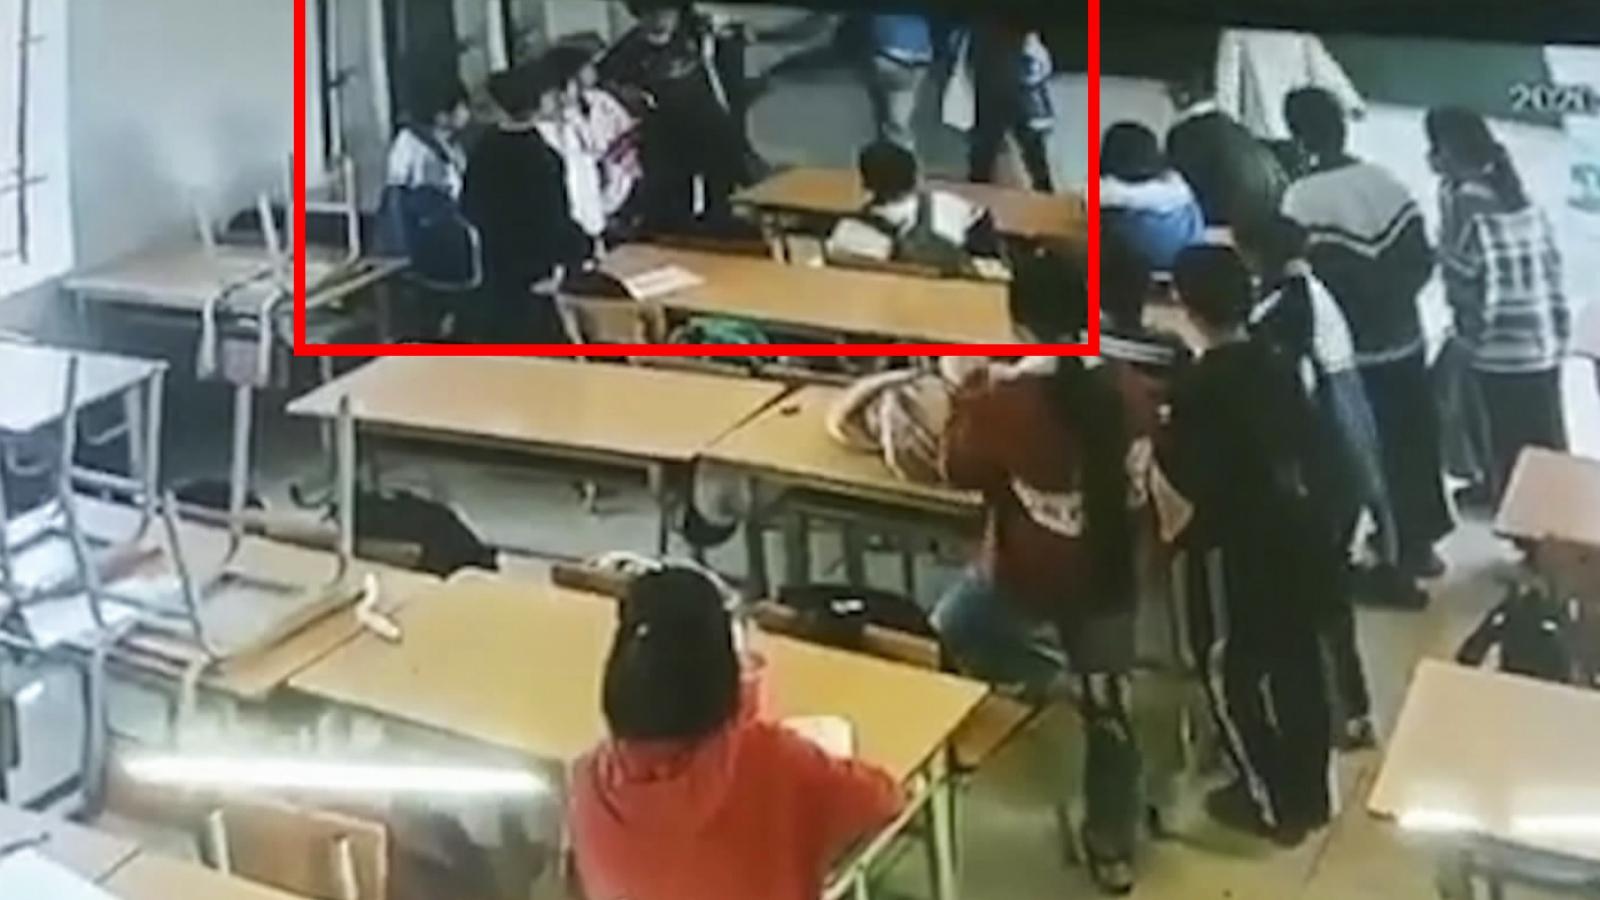 Xem xét khởi tố người xông vào lớp đánh bạn học của con